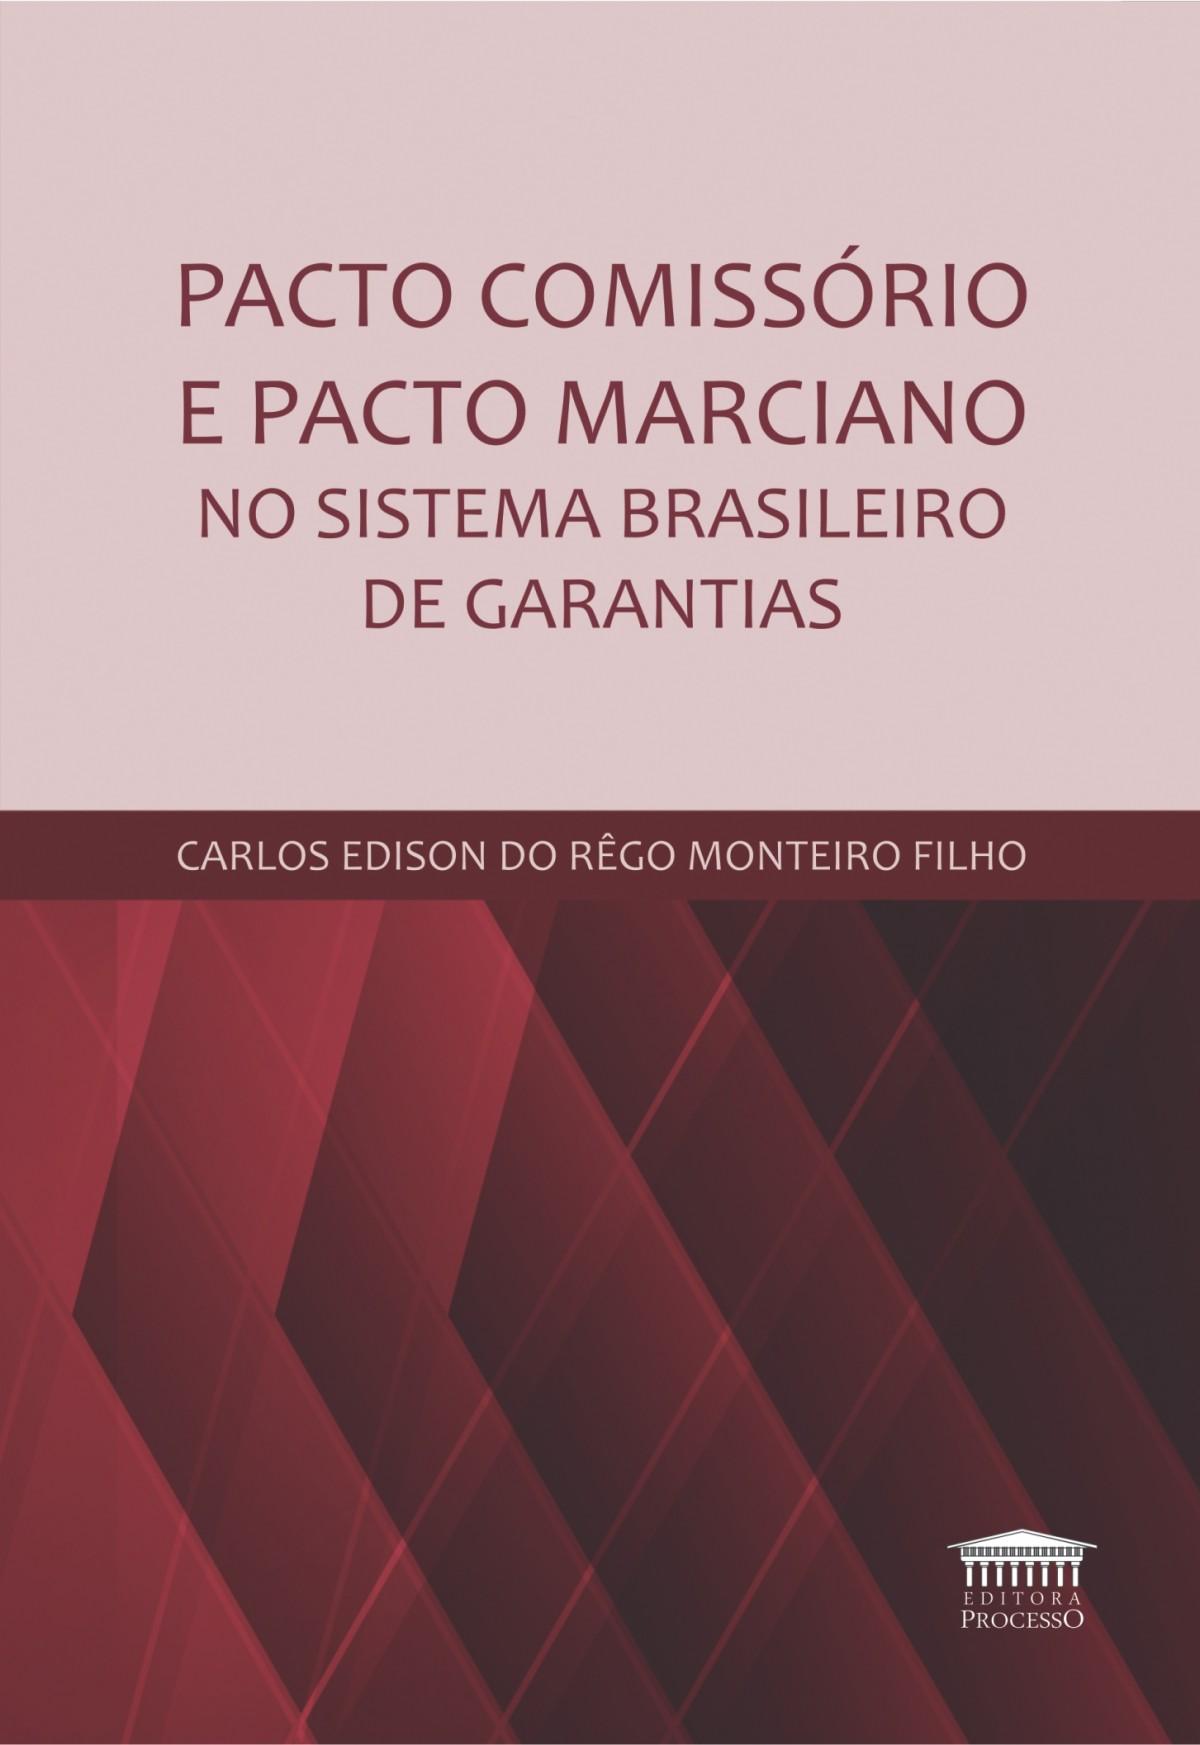 Foto 1 - Pacto Comissório e Pacto Marciano no Sistema Brasileiro de Garantias